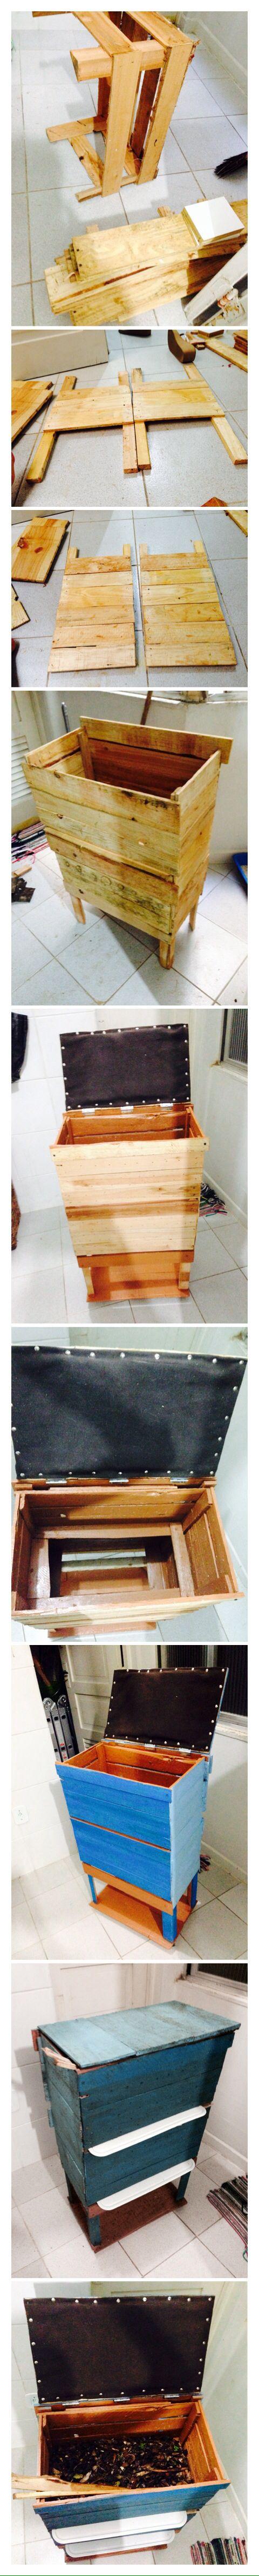 Compostera DIY - con cajones de fruta